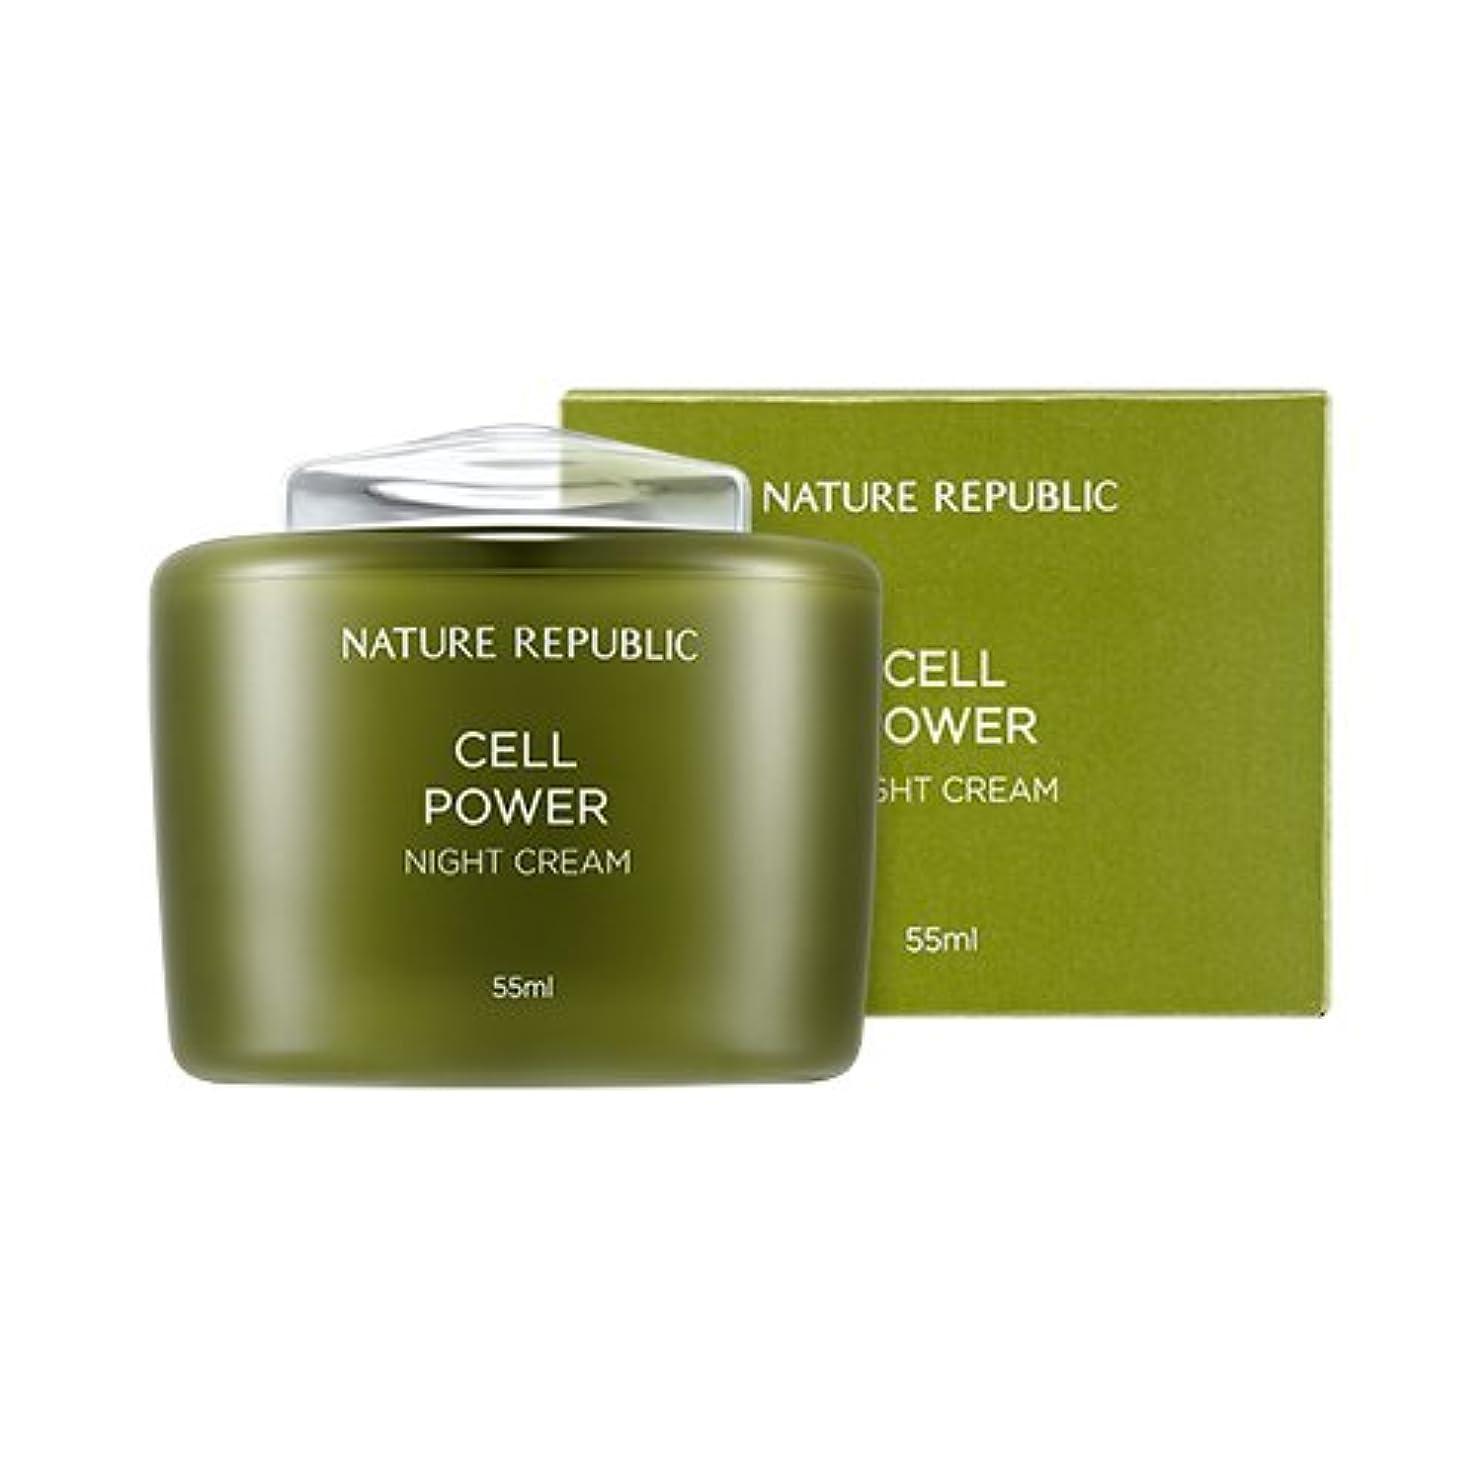 無視ノート神経Nature Republic Cell Power Night Cream ネイチャーリパブリックセルパワーナイトクリーム [並行輸入品]